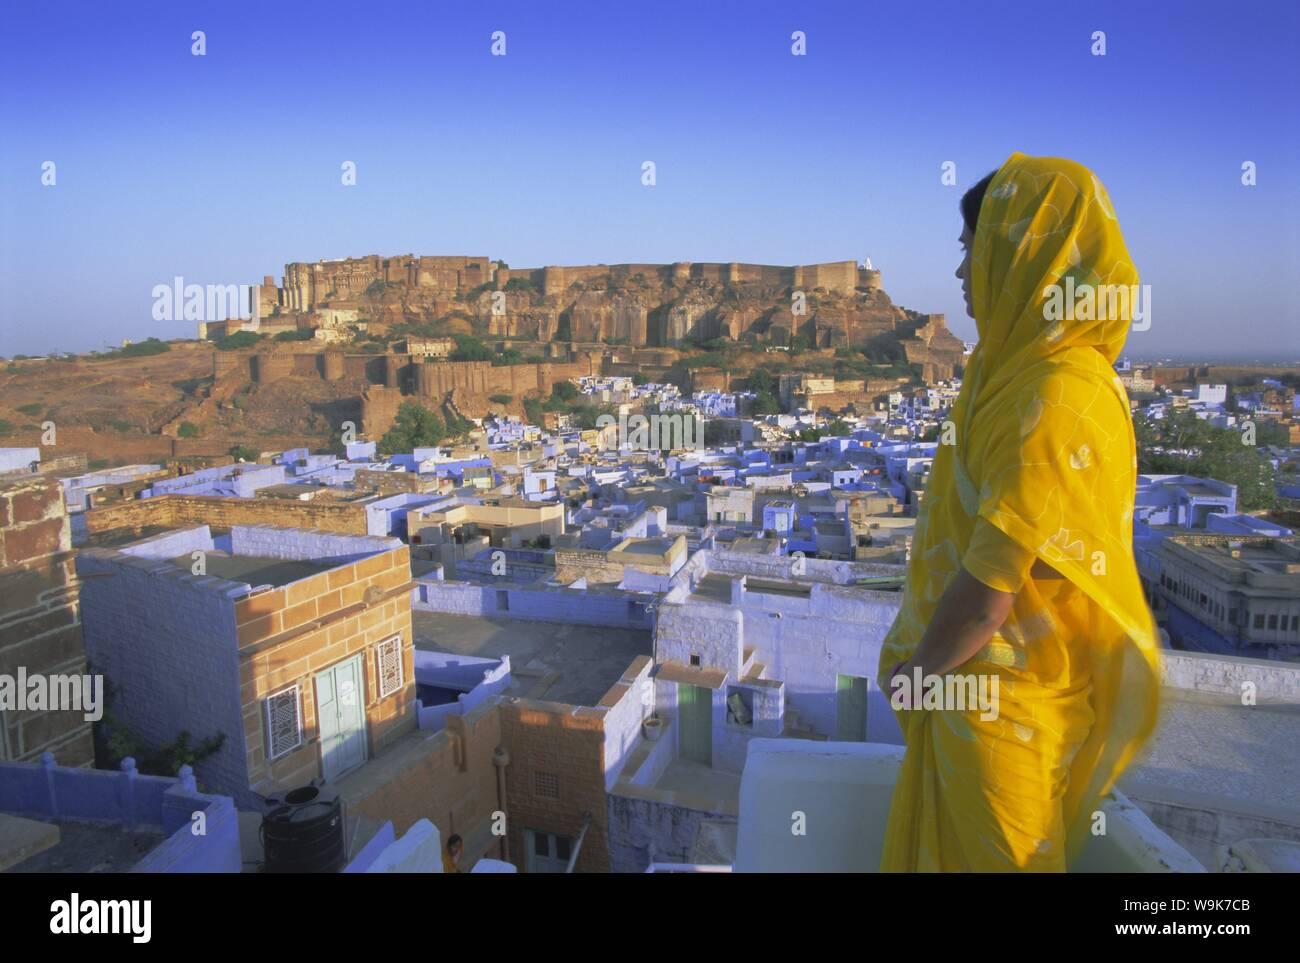 Una mujer con un sari amarillo mirando a través de la 'ciudad azul' y fort, Jodhpur, Estado de Rajasthan, India, Asia Foto de stock